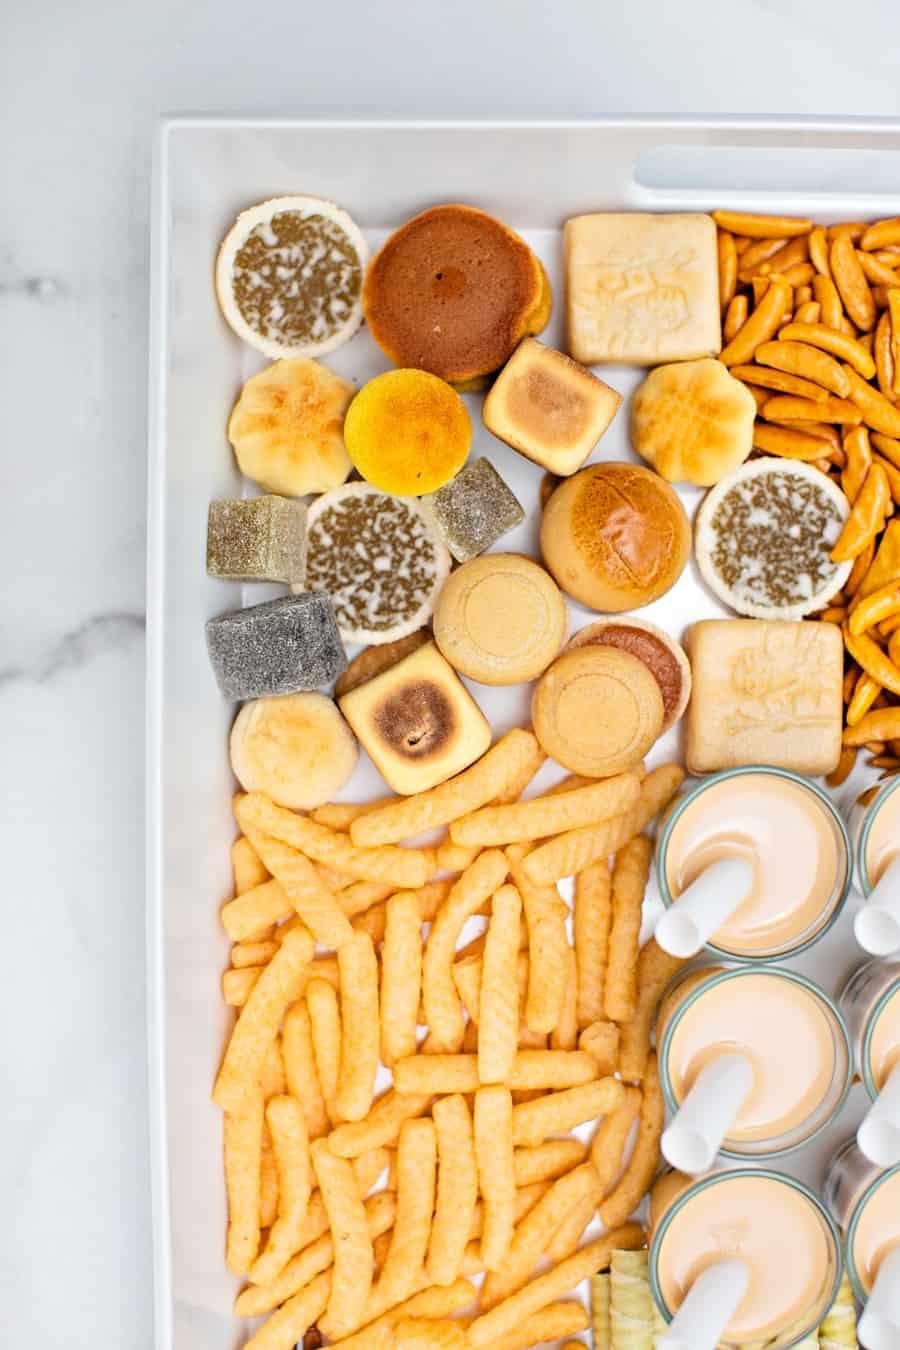 Asian Snack Tray